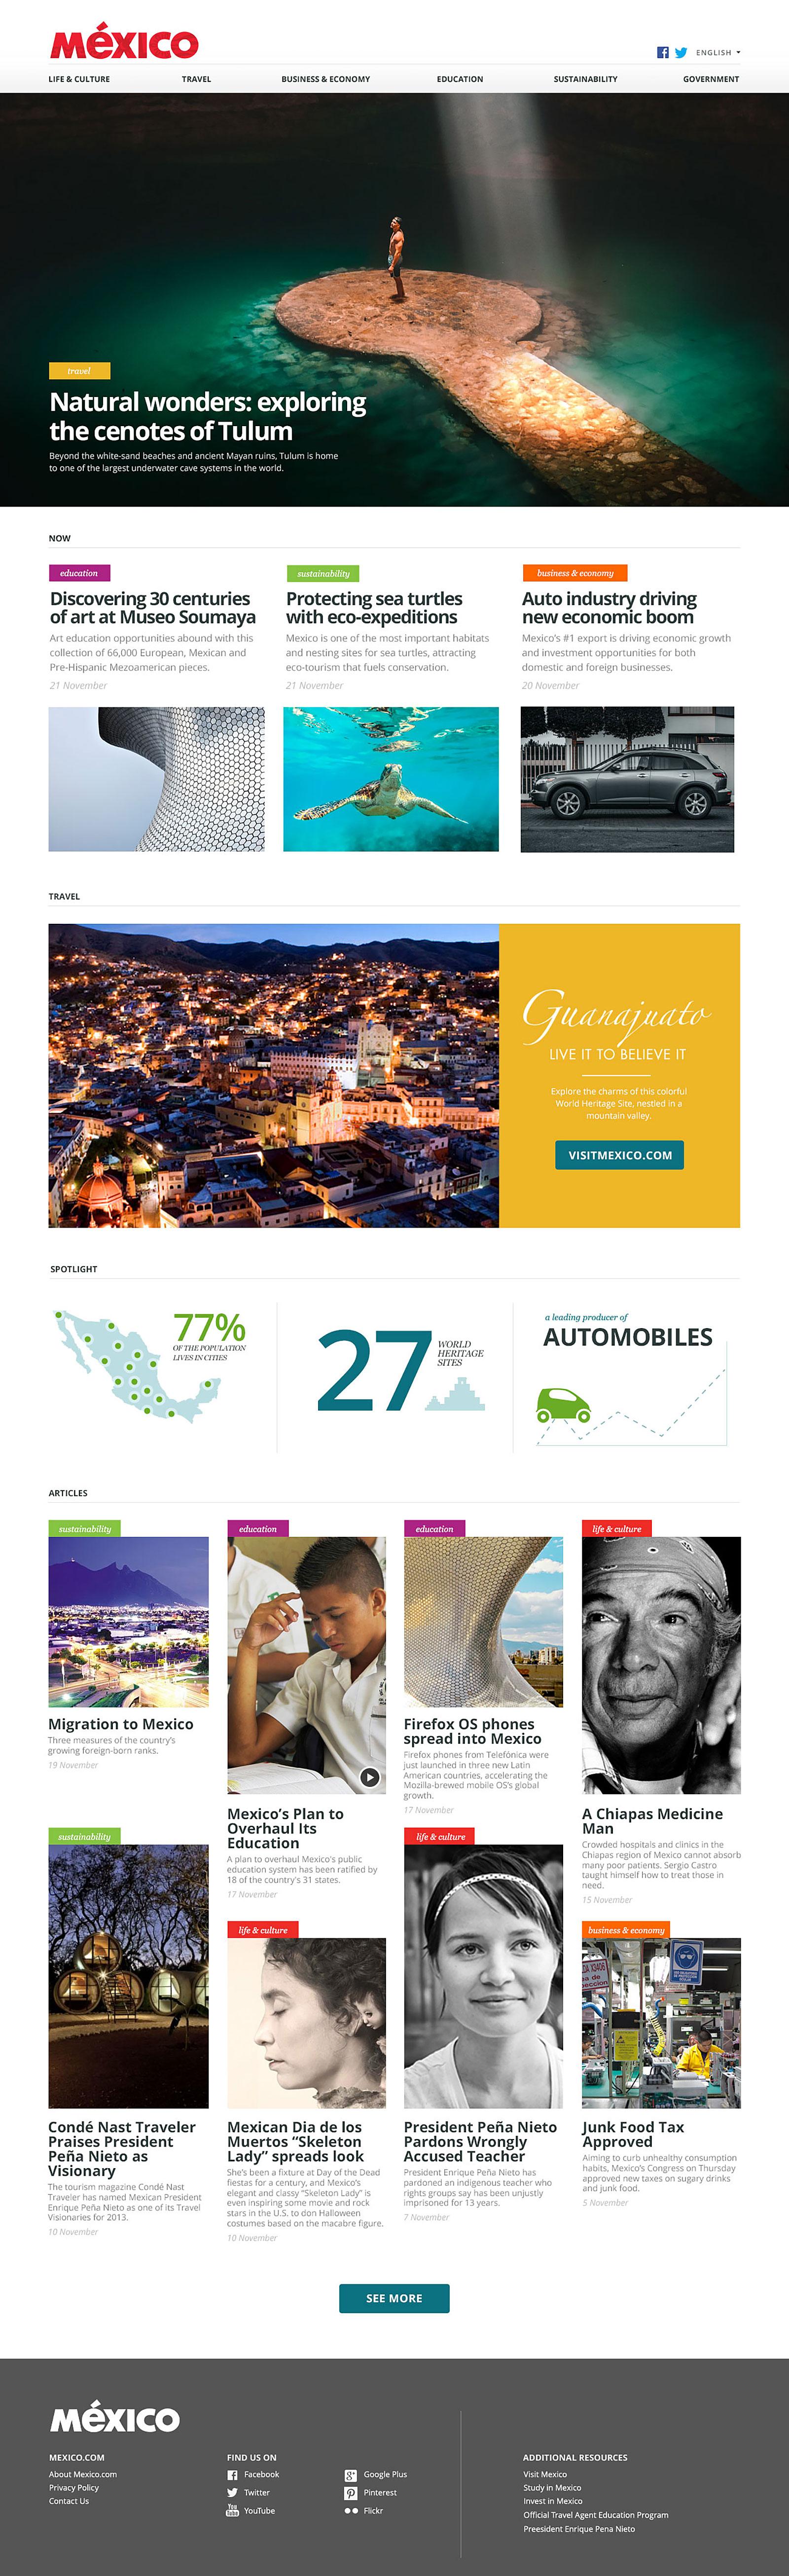 Mexico.com Home Page